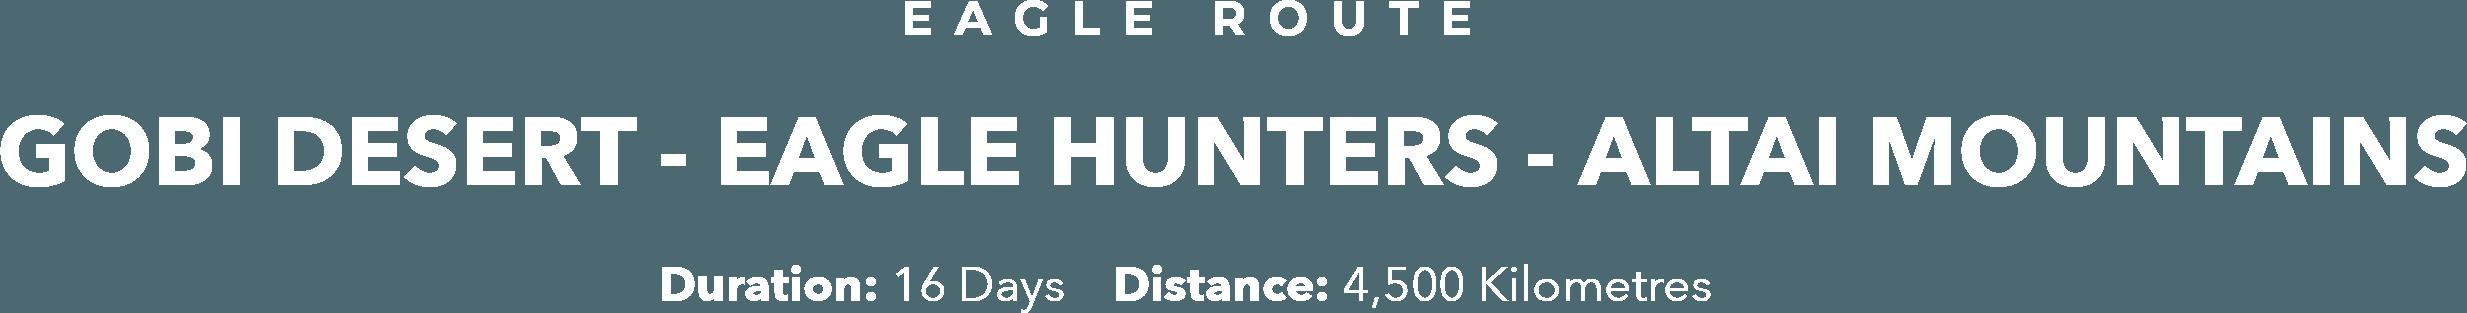 Eagle Route